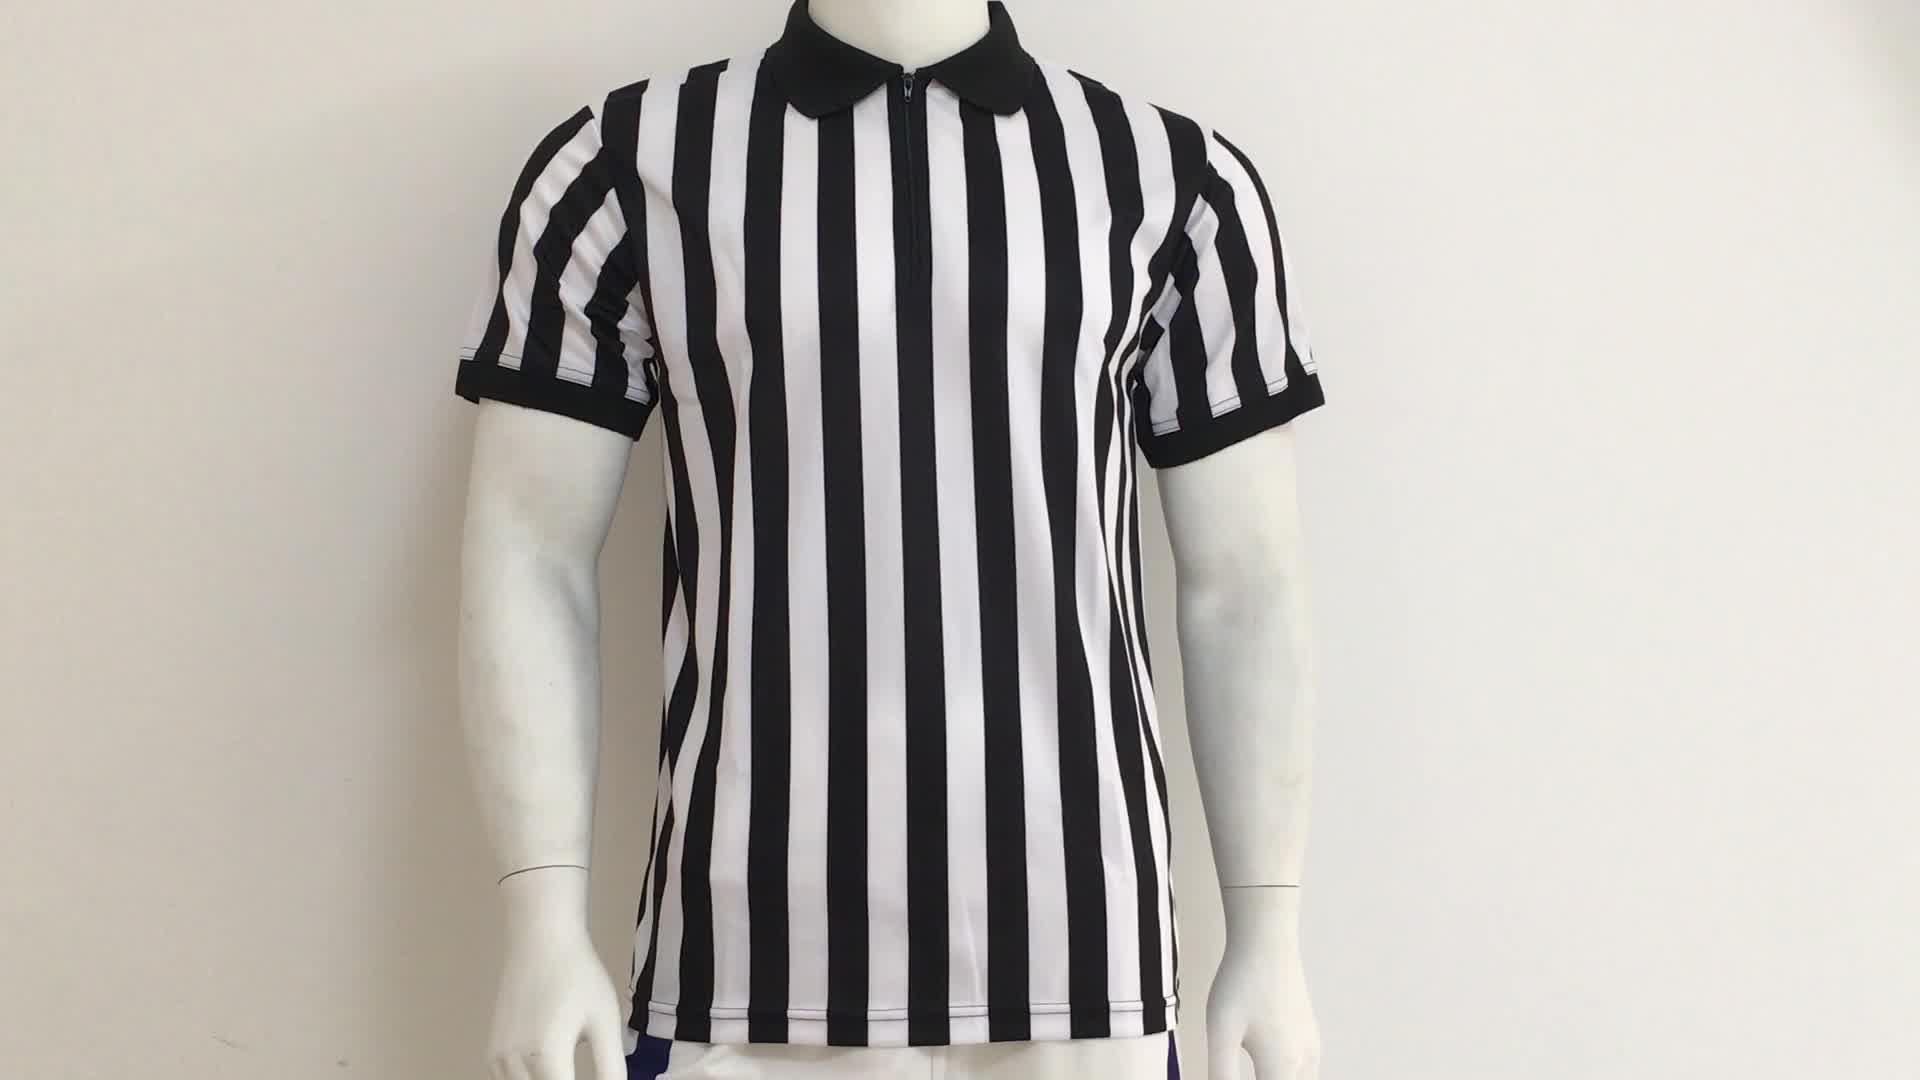 Atacado esportes dry fit preto listras brancas camisa árbitro